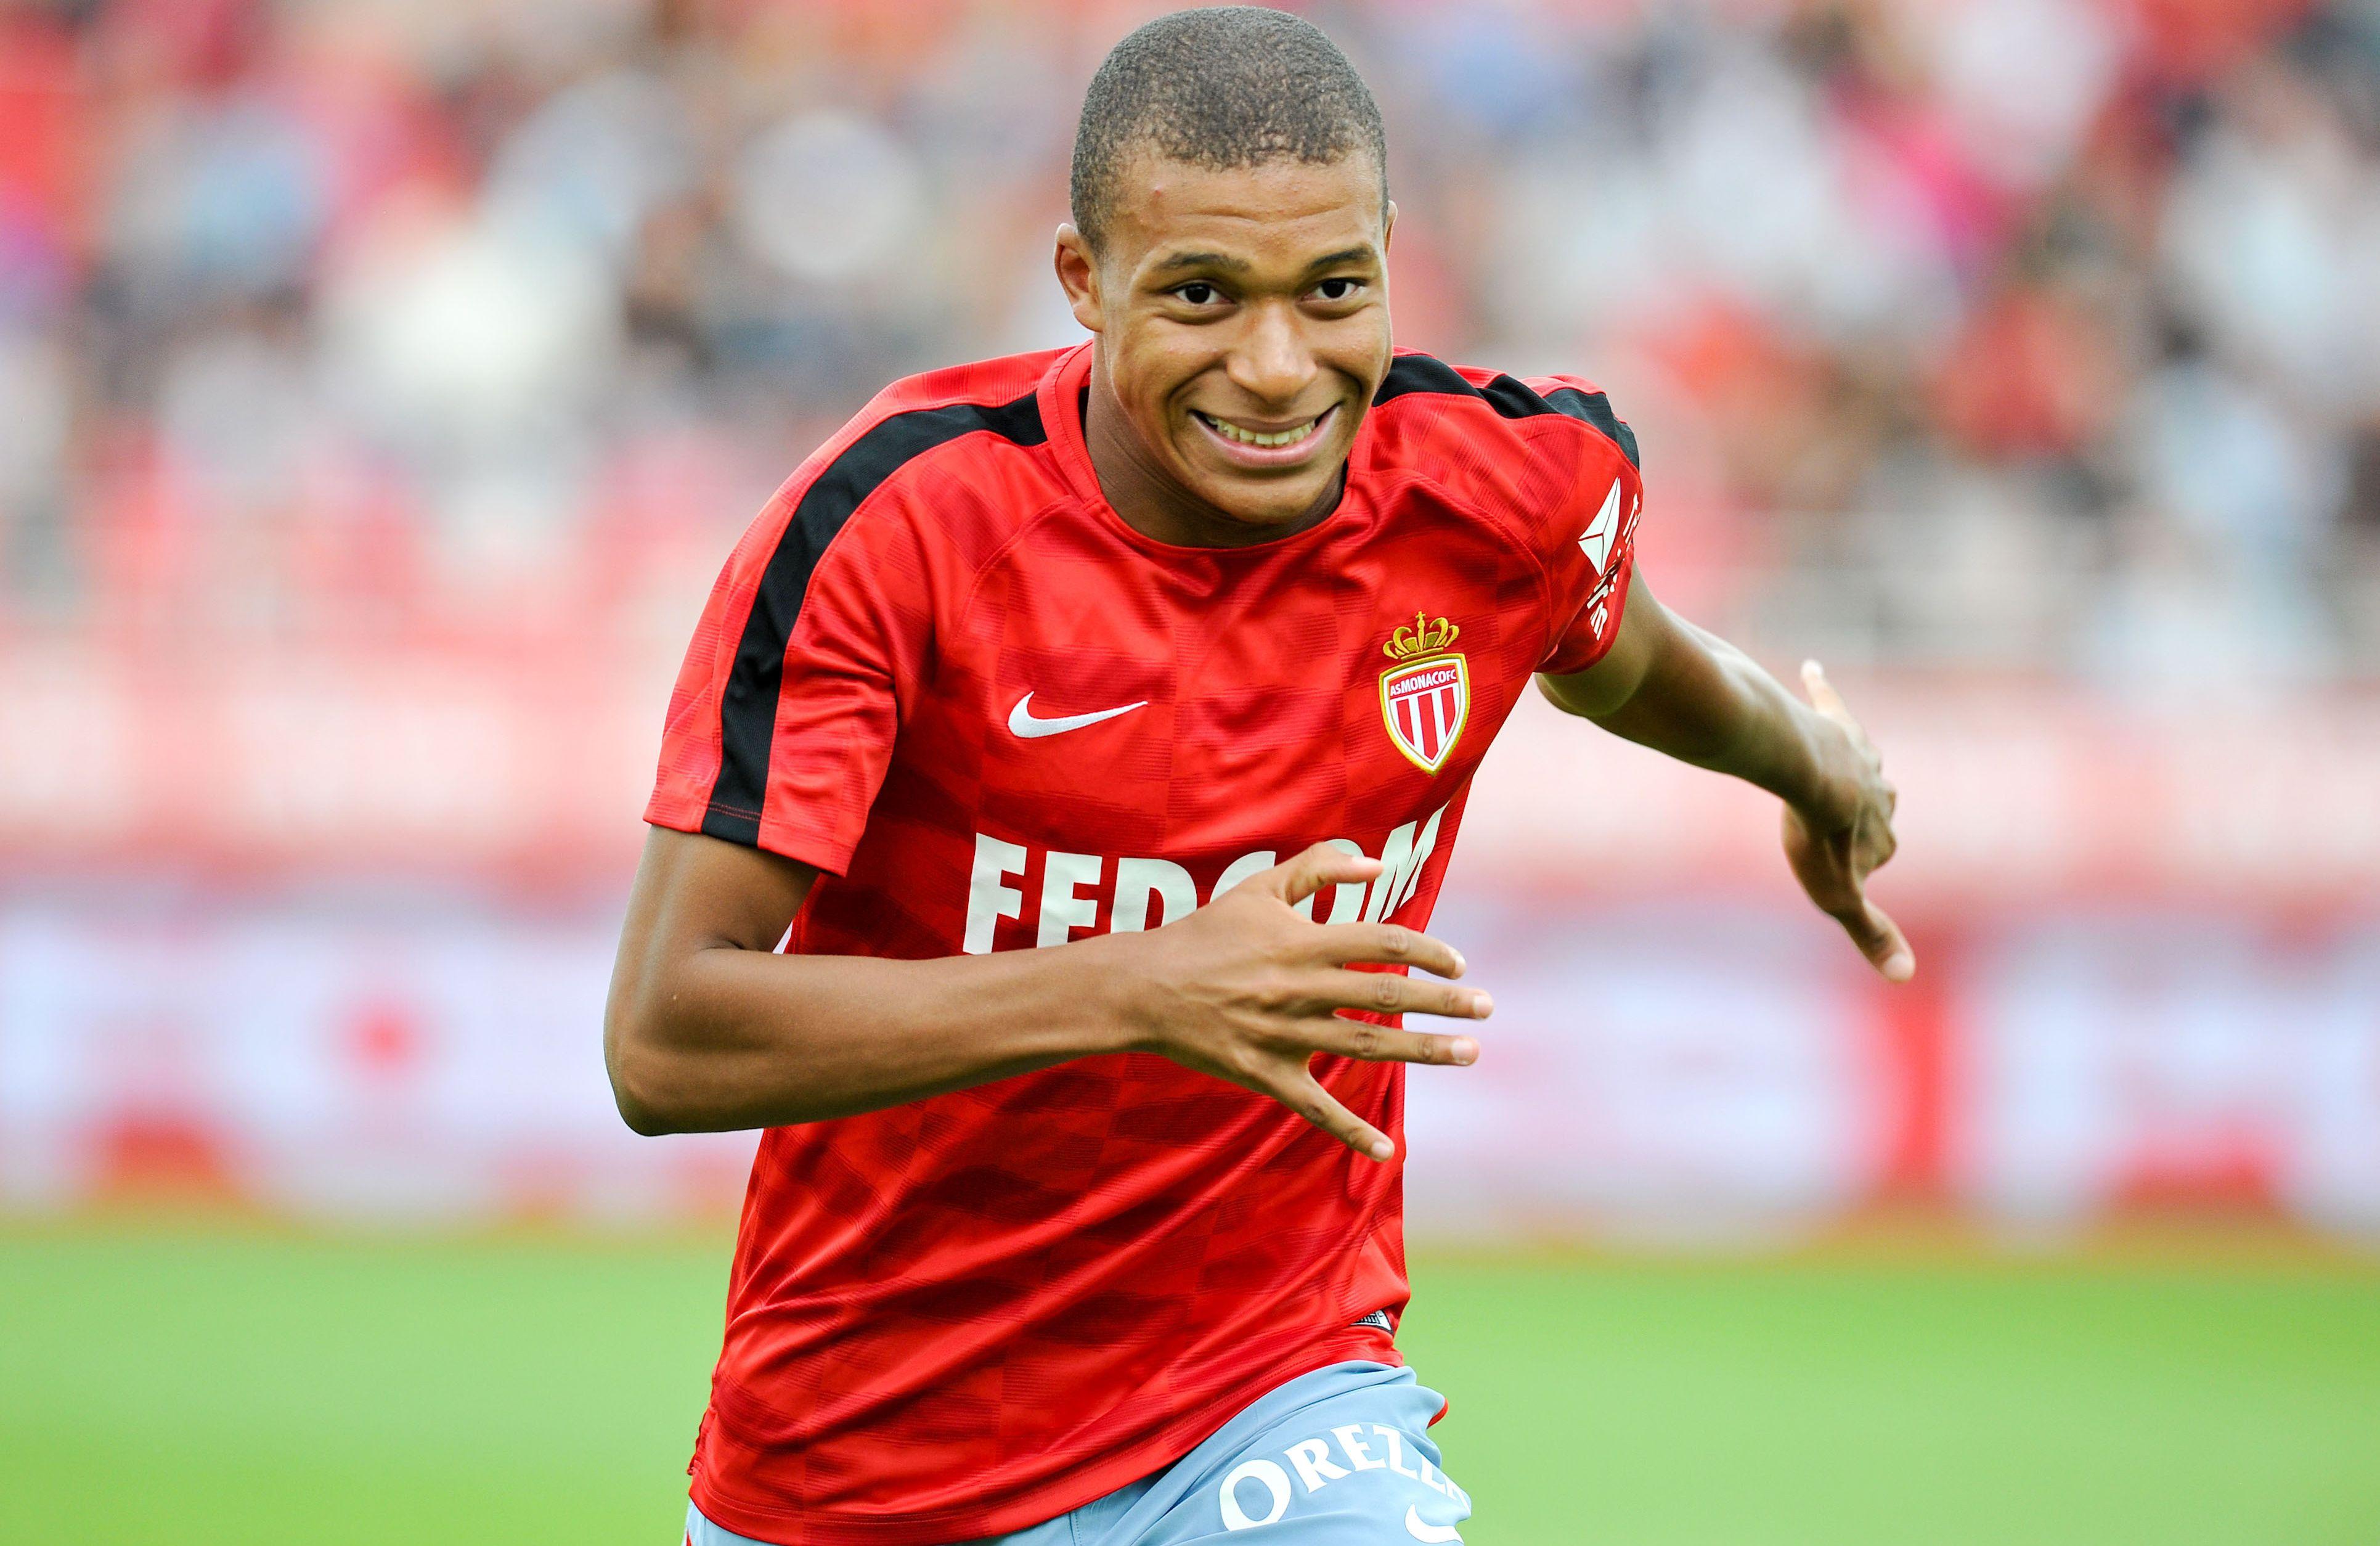 Football - Ligue 1 - Monaco : Jardim écarte Mbappé contre Metz